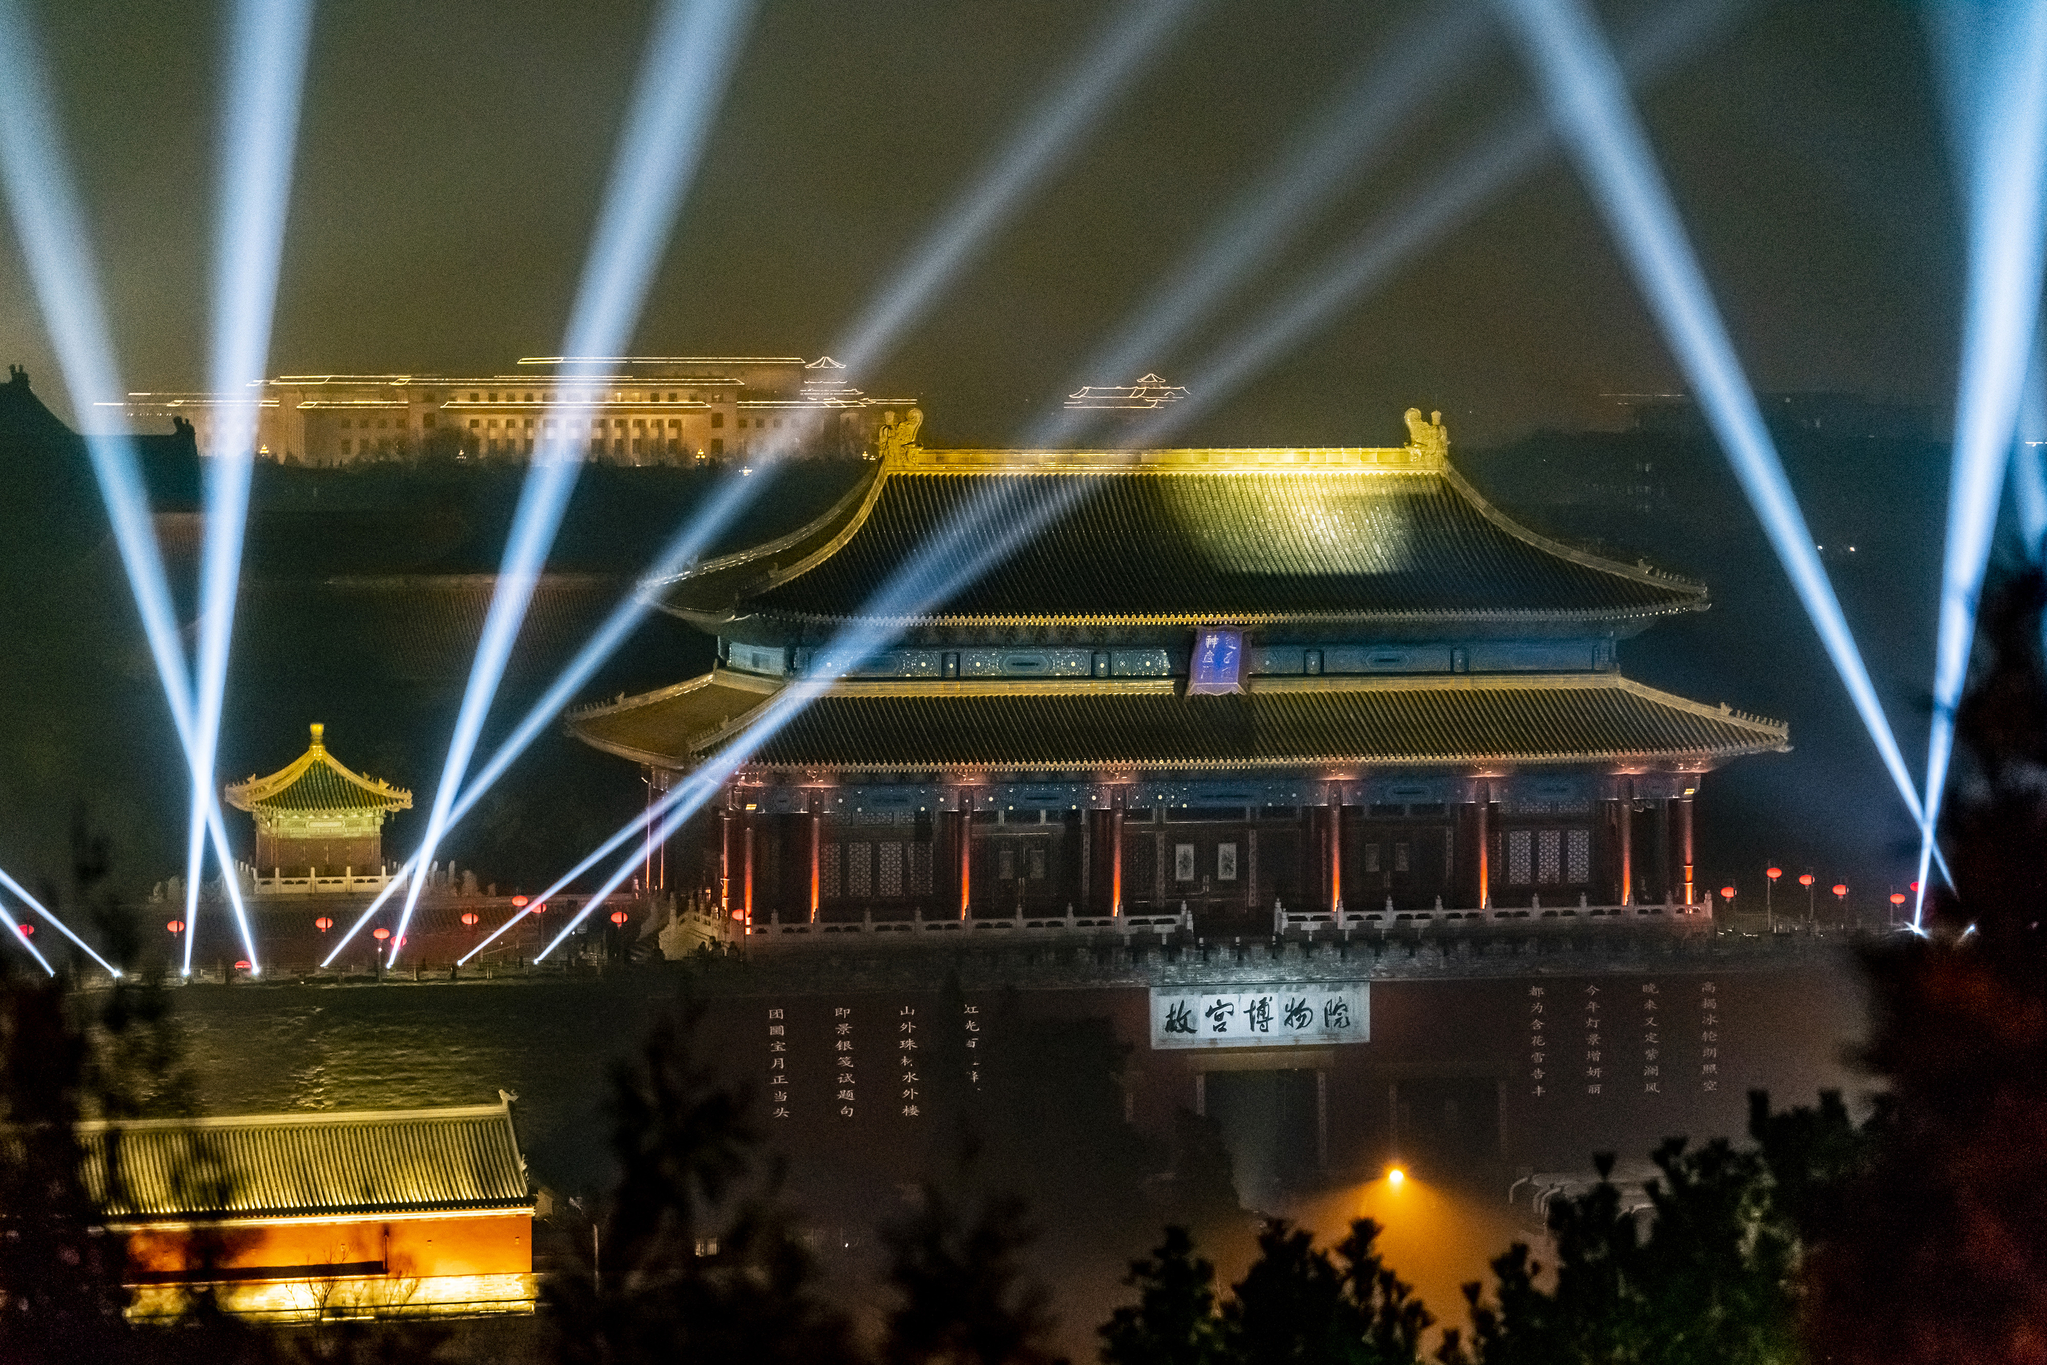 19일 저녁 화려한 조명이 중국 베이징의 관광 명소 자금성을 비추고 있다. [신화=연합뉴스]